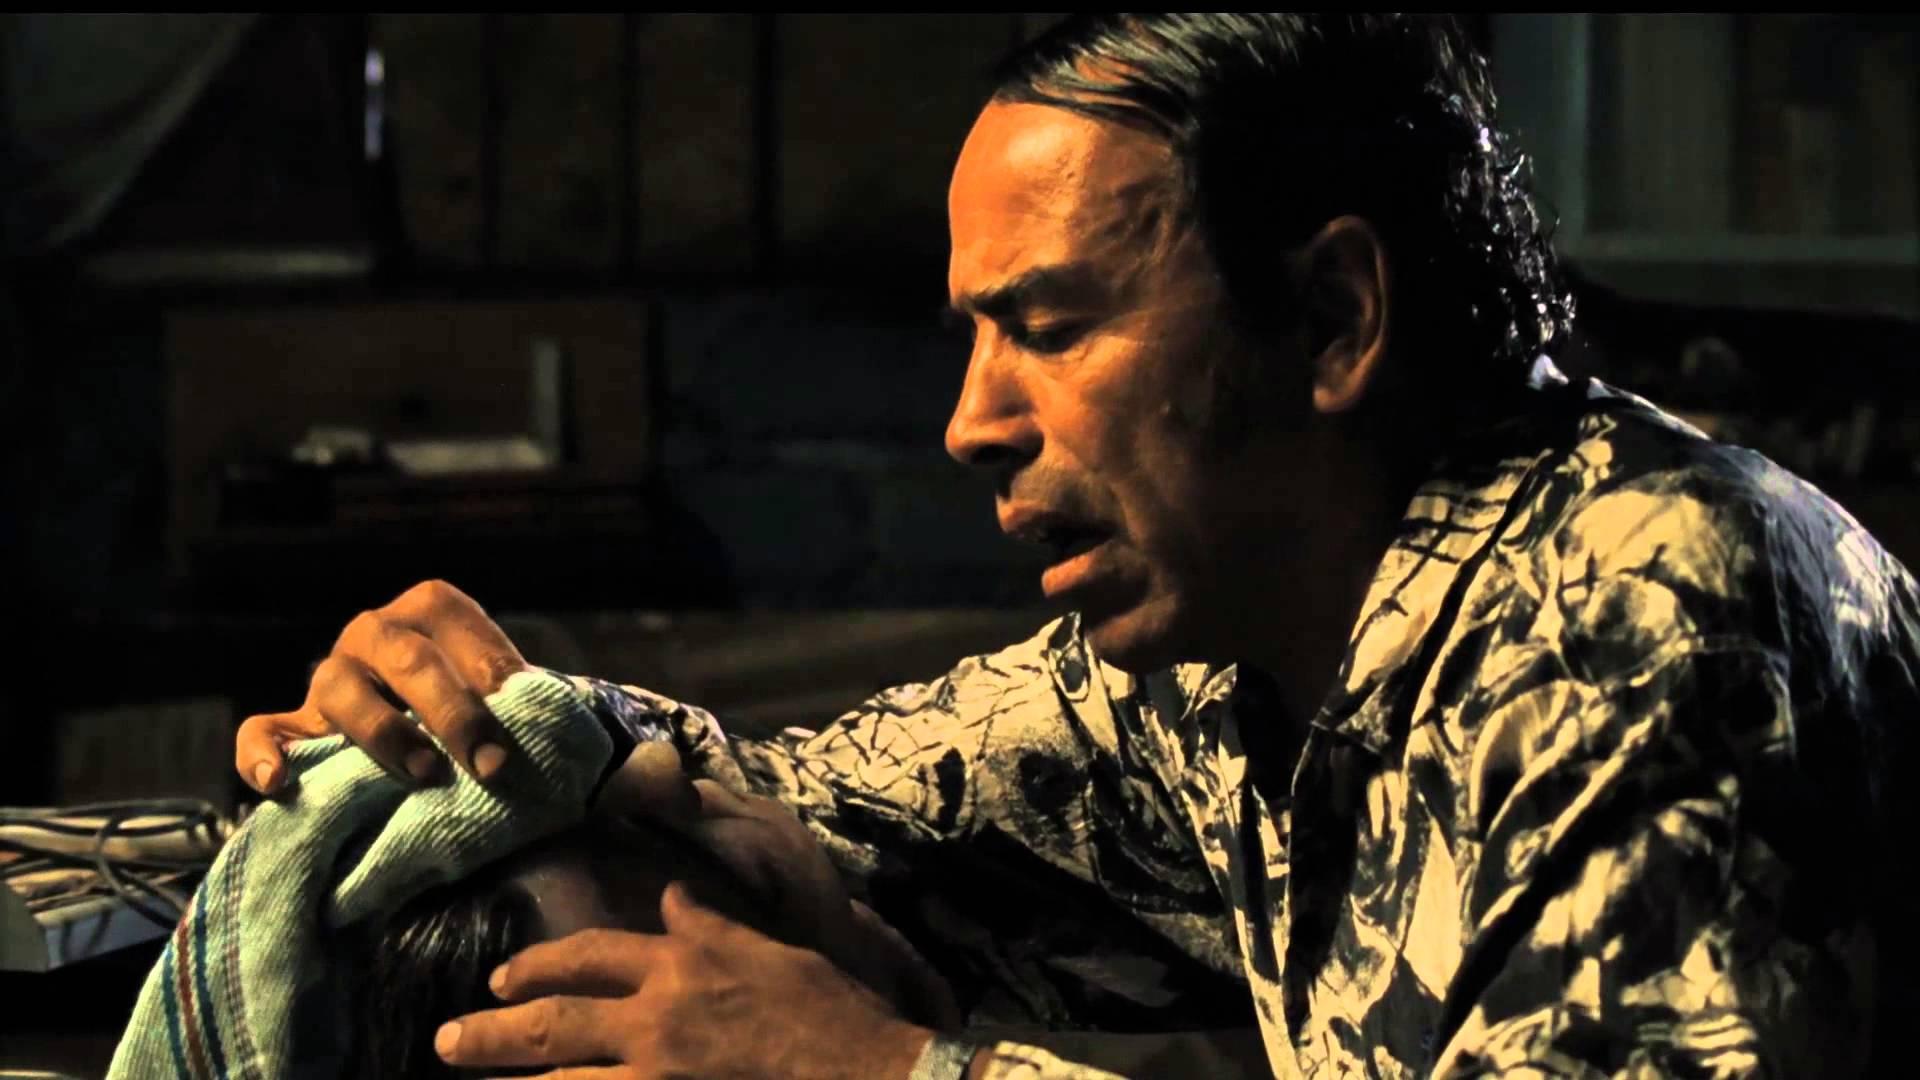 Damián Alcázar in Fecha de caducidad (2012)